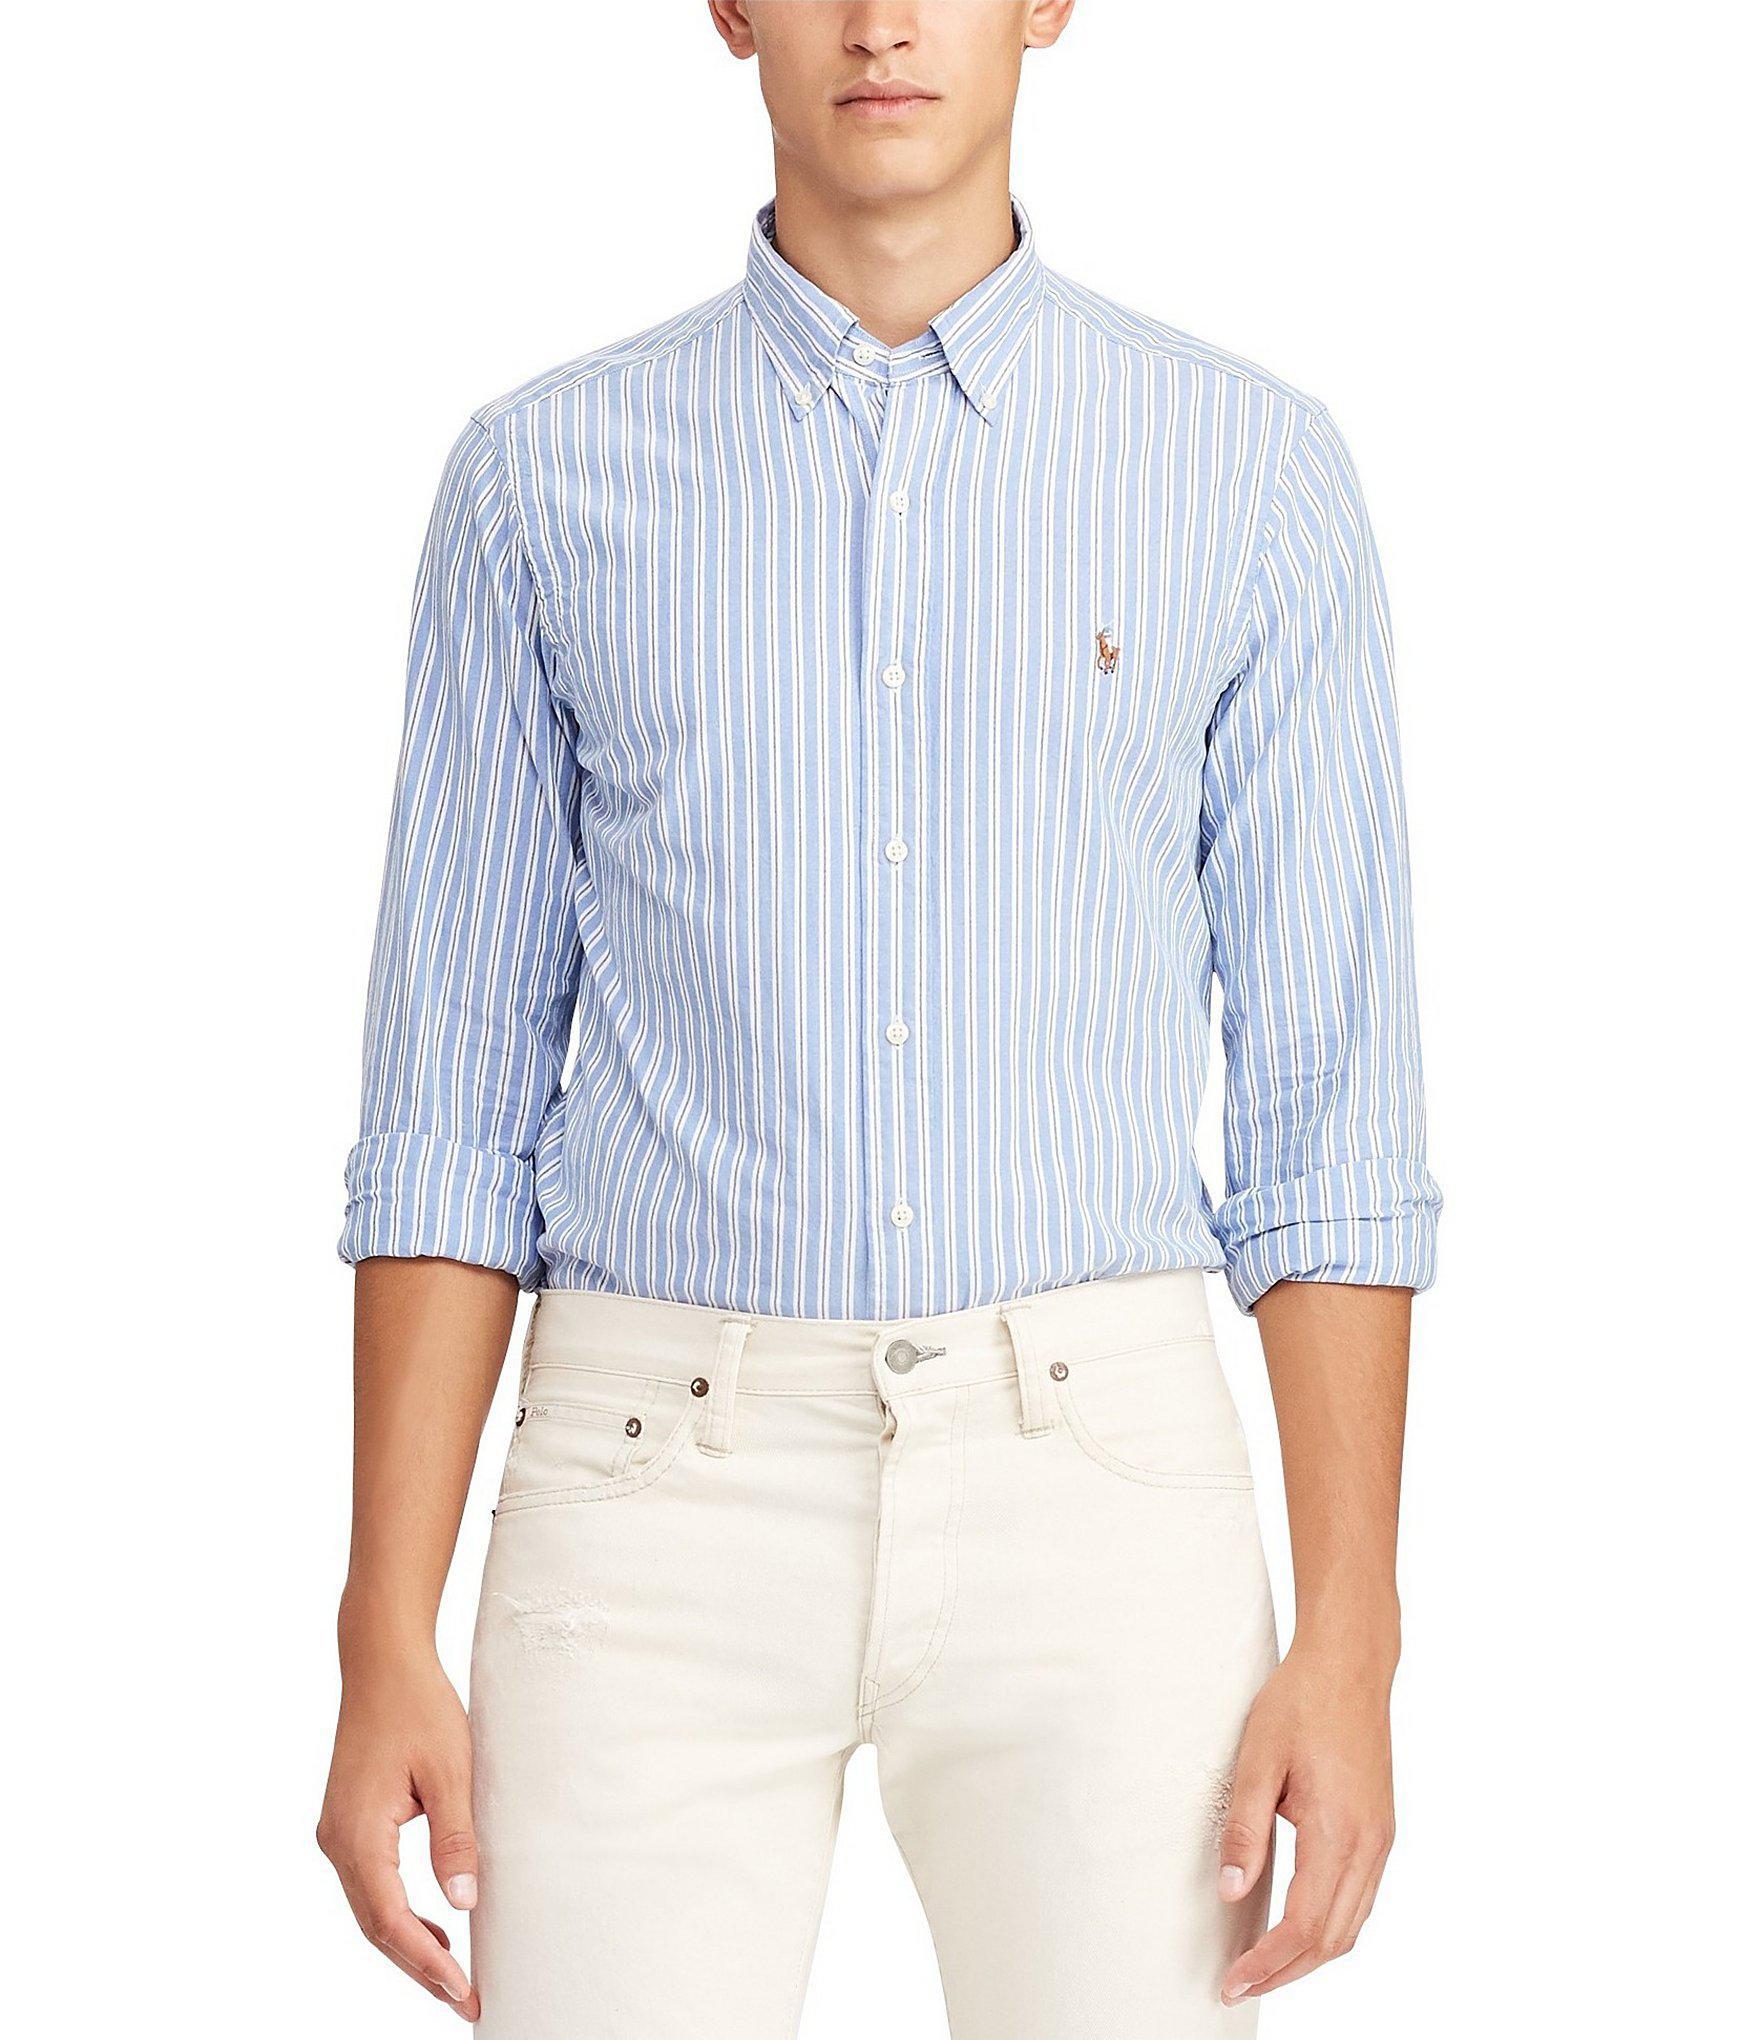 f0e725fc Lyst - Polo Ralph Lauren Multi-stripe Long-sleeve Woven Shirt in ...